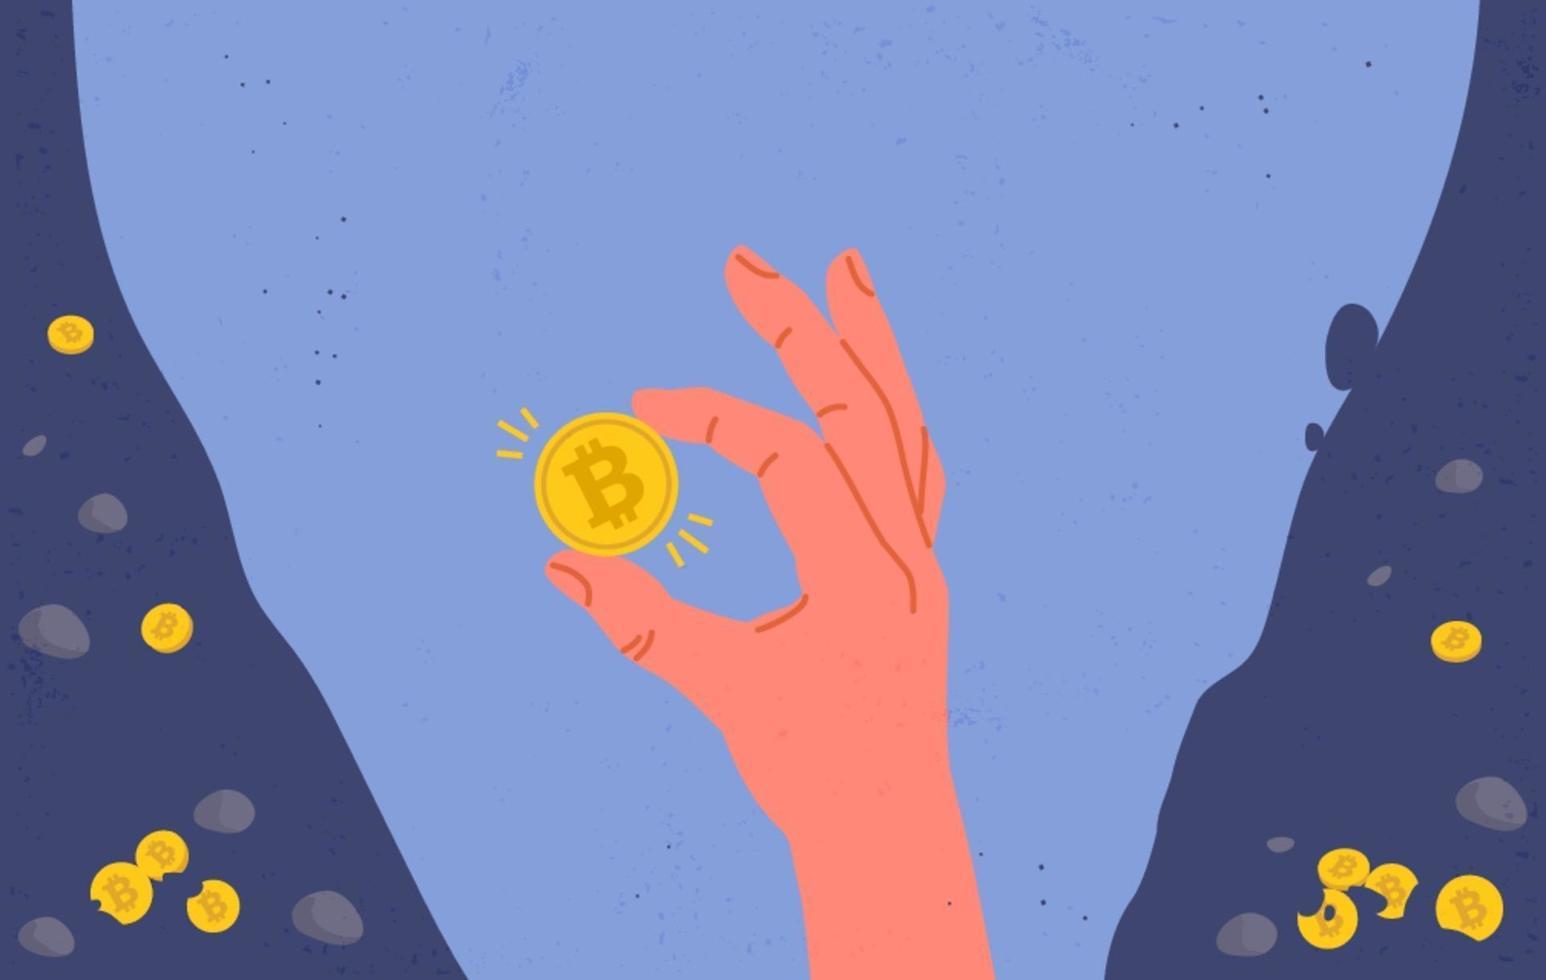 moneta bitcoin in mano vettore